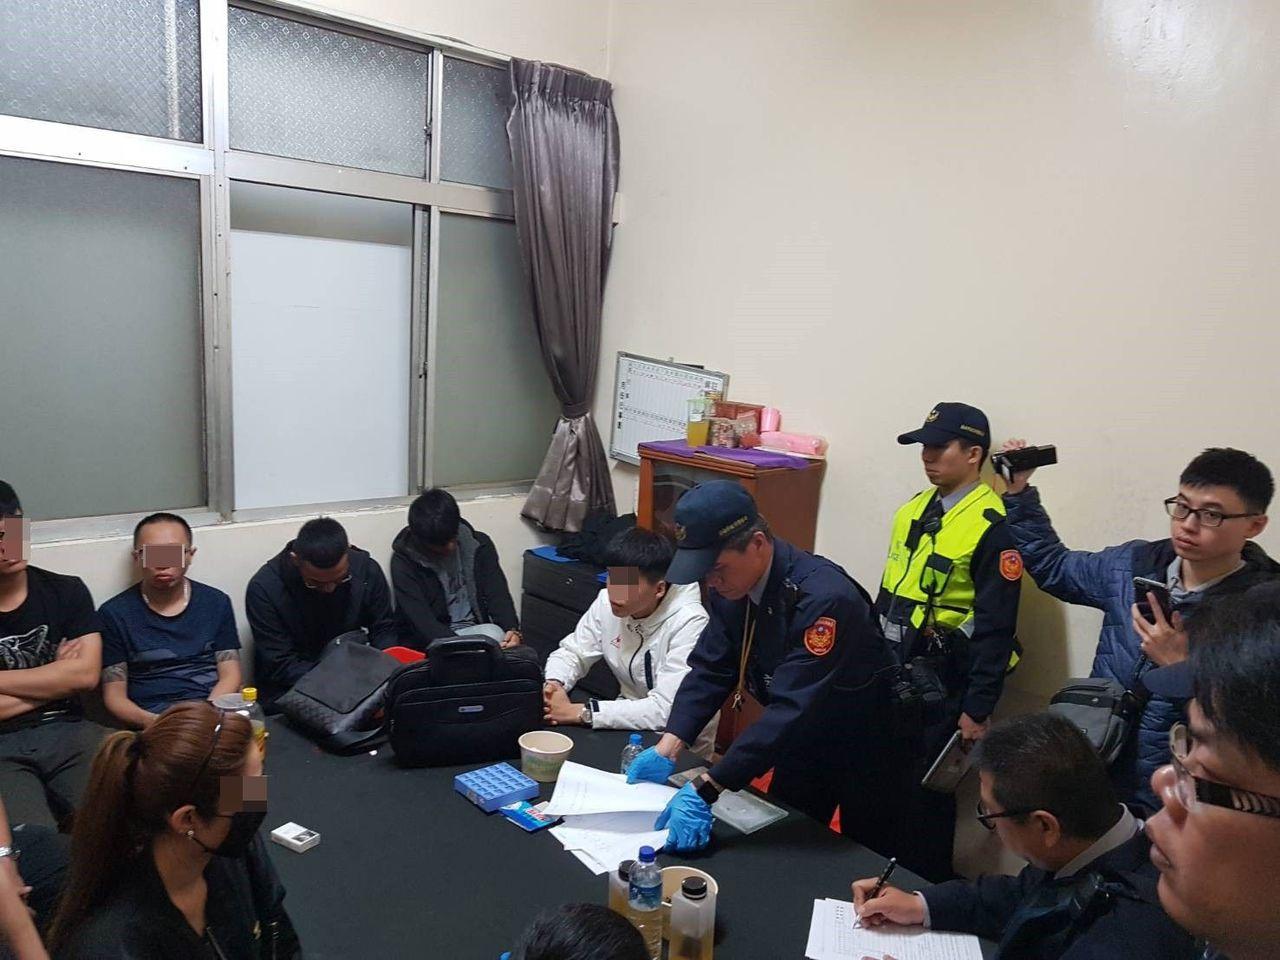 台南市警二分局凌晨查獲妞妞牌賭場。圖/記者周宗禎翻攝